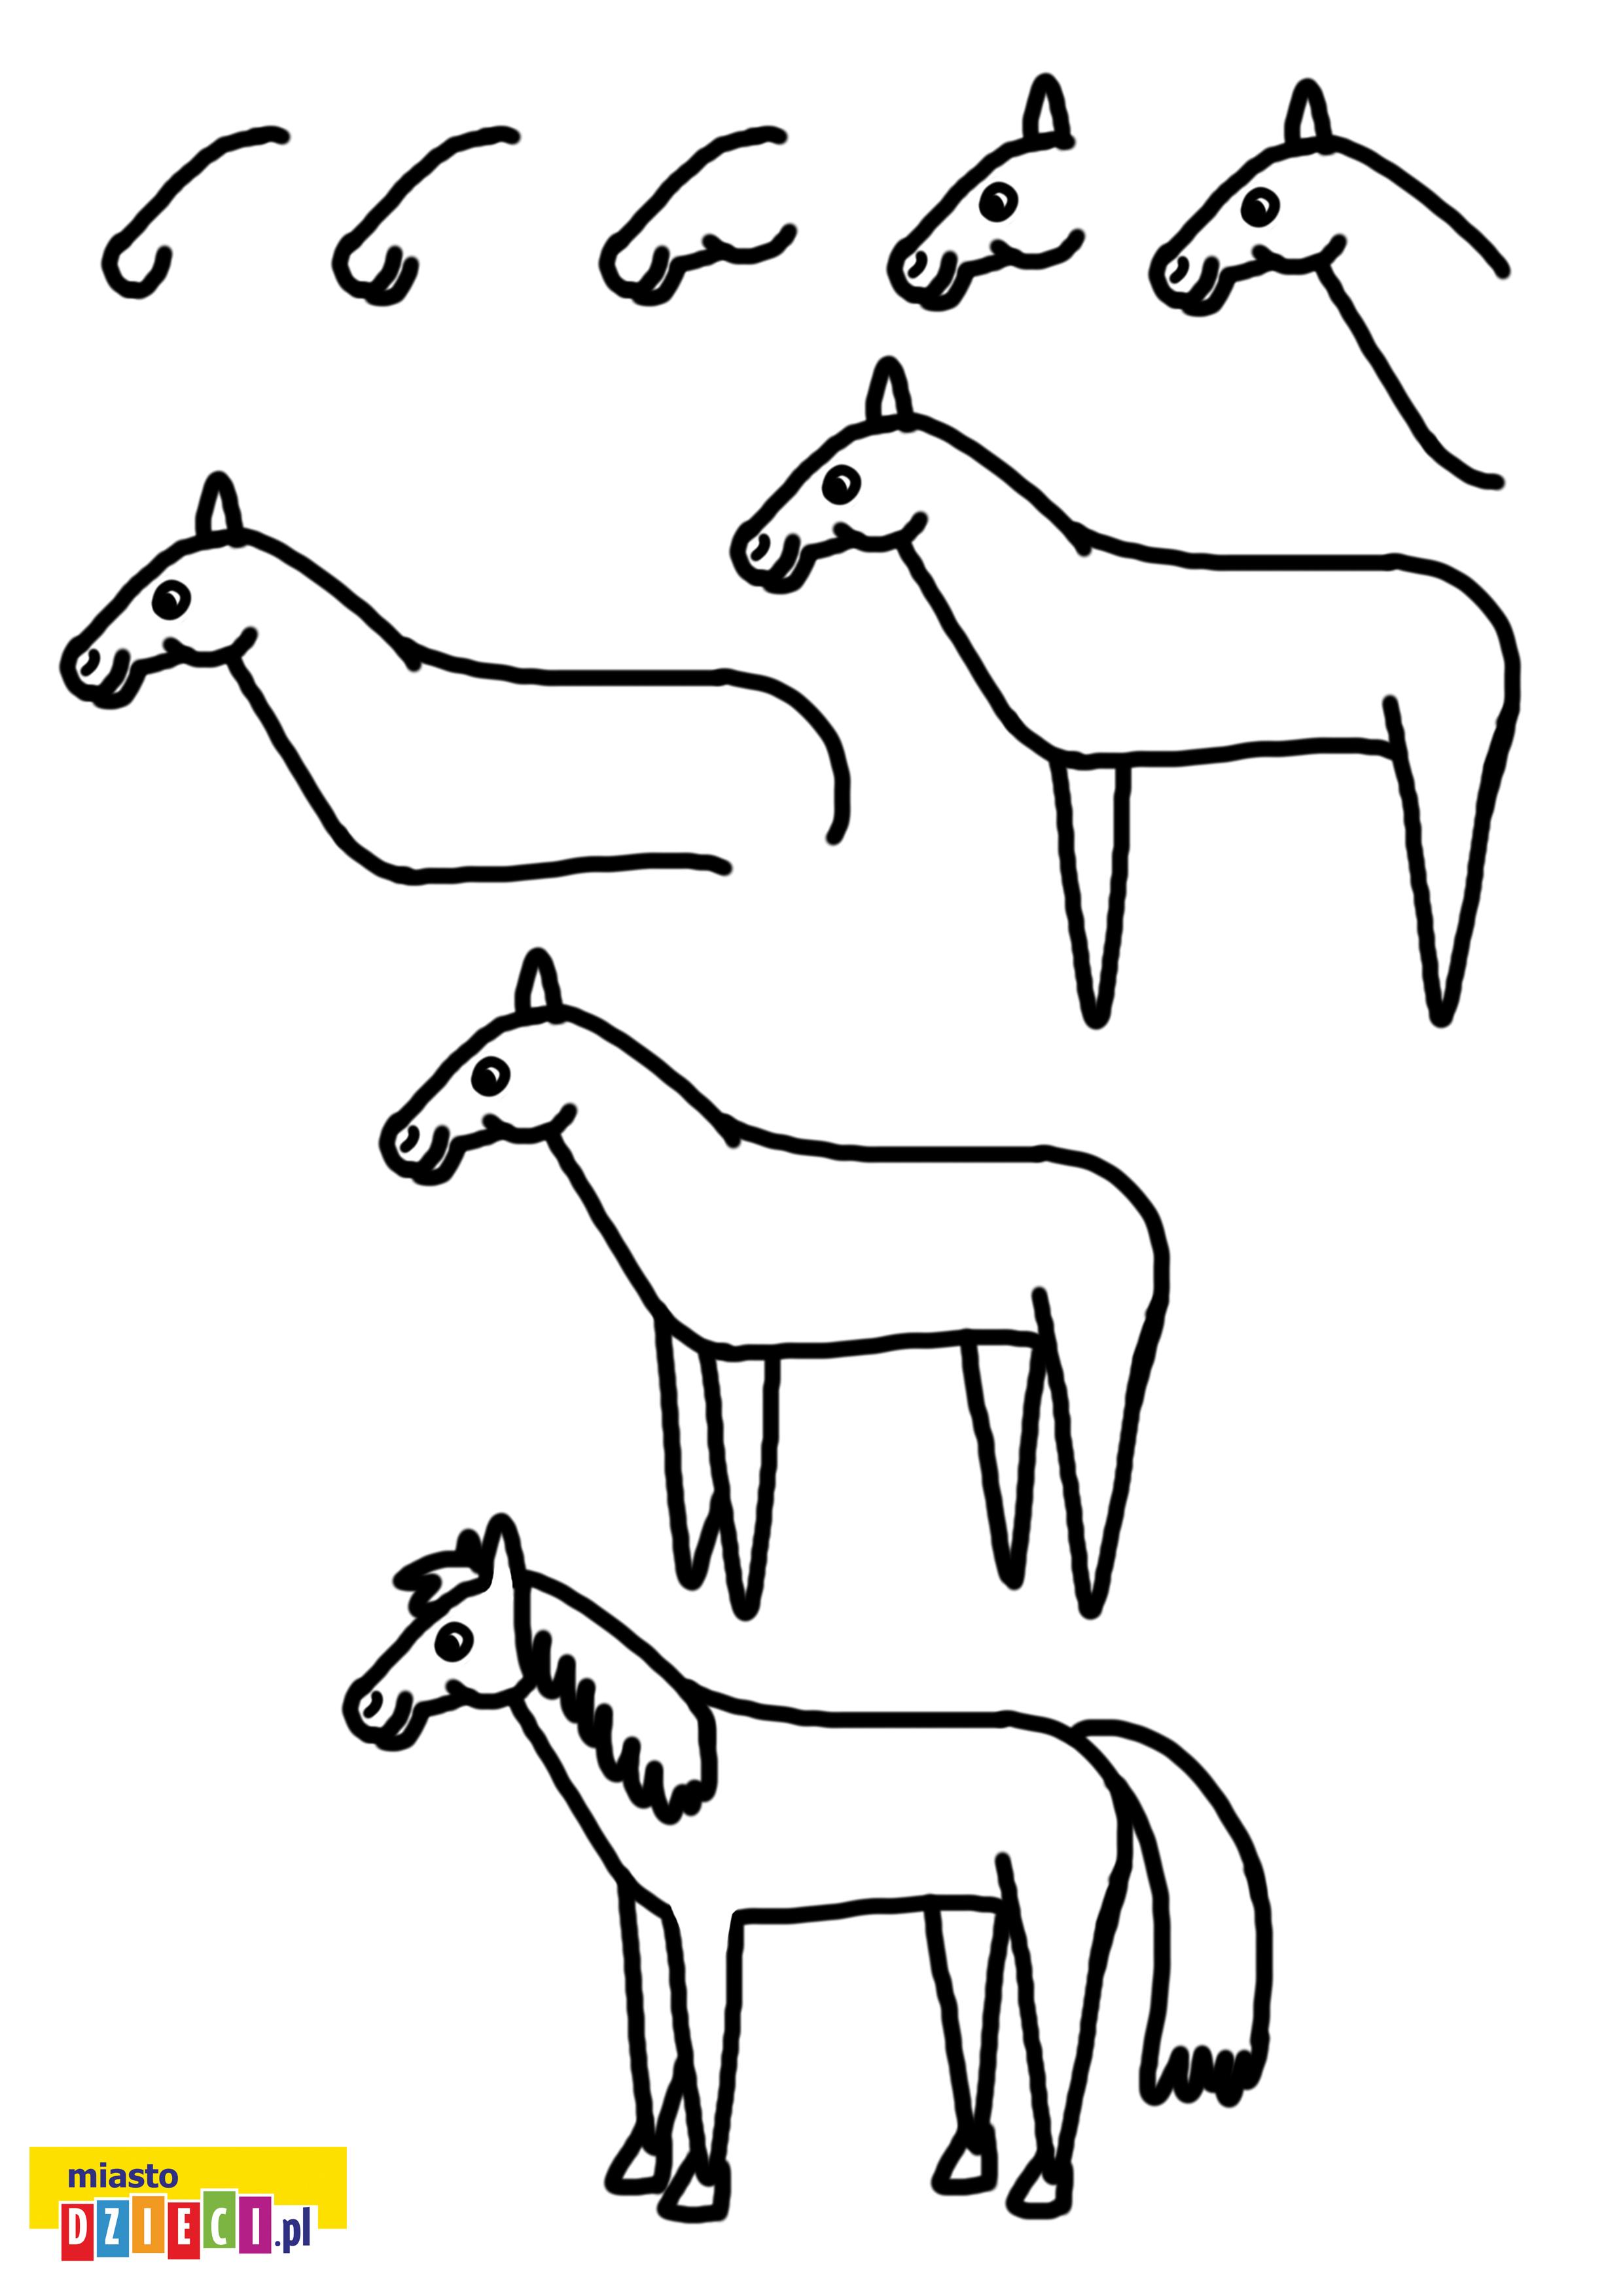 jak narysować konia krok po kroku instrukcja rysowania